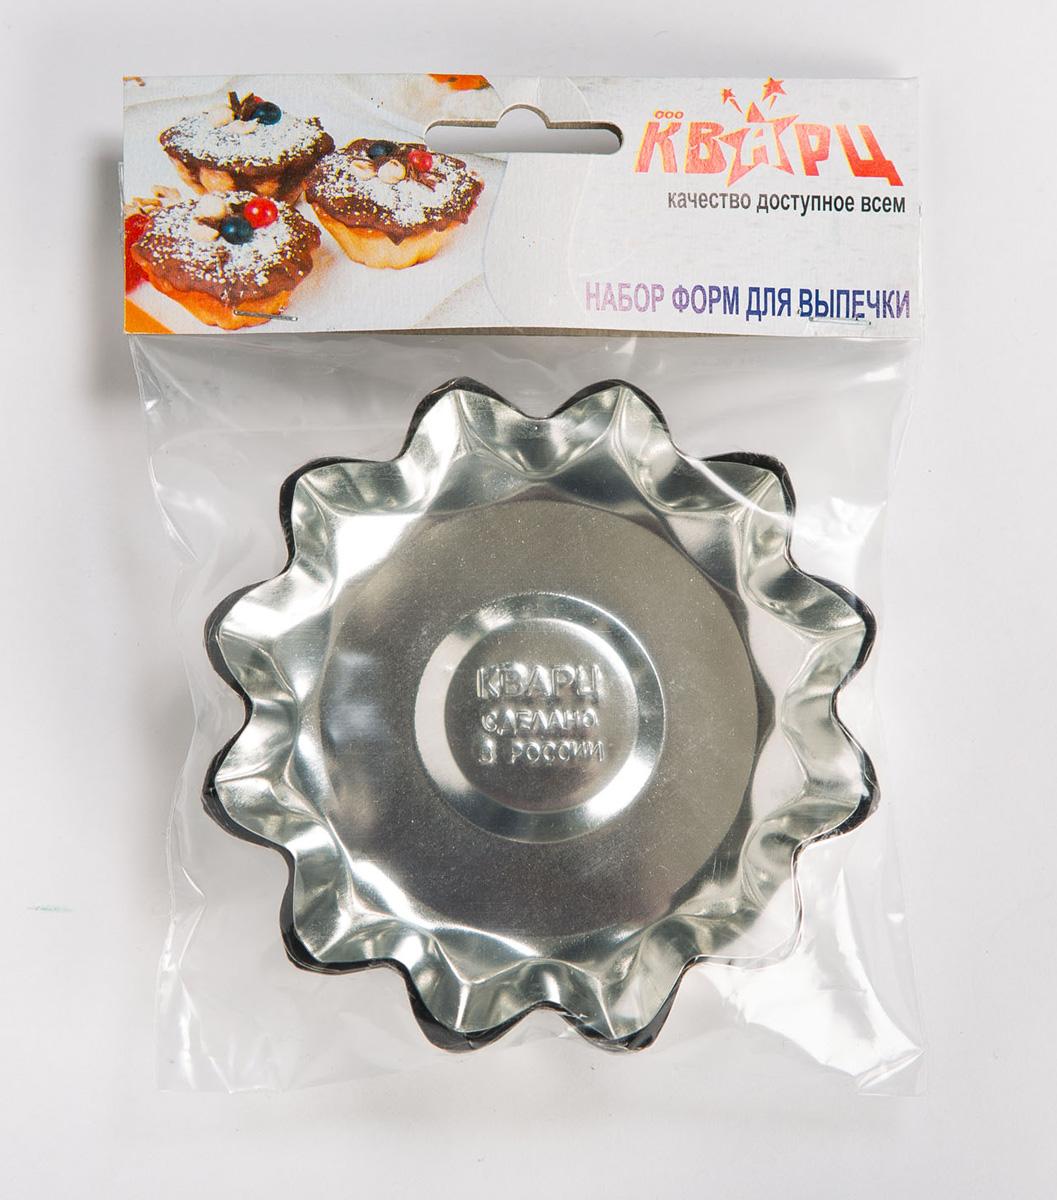 Набор форм Кварц для выпечки печенья, 6 шт. КФ-04.05 набор форм для выпечки metaltex 6 шт 25 91 24